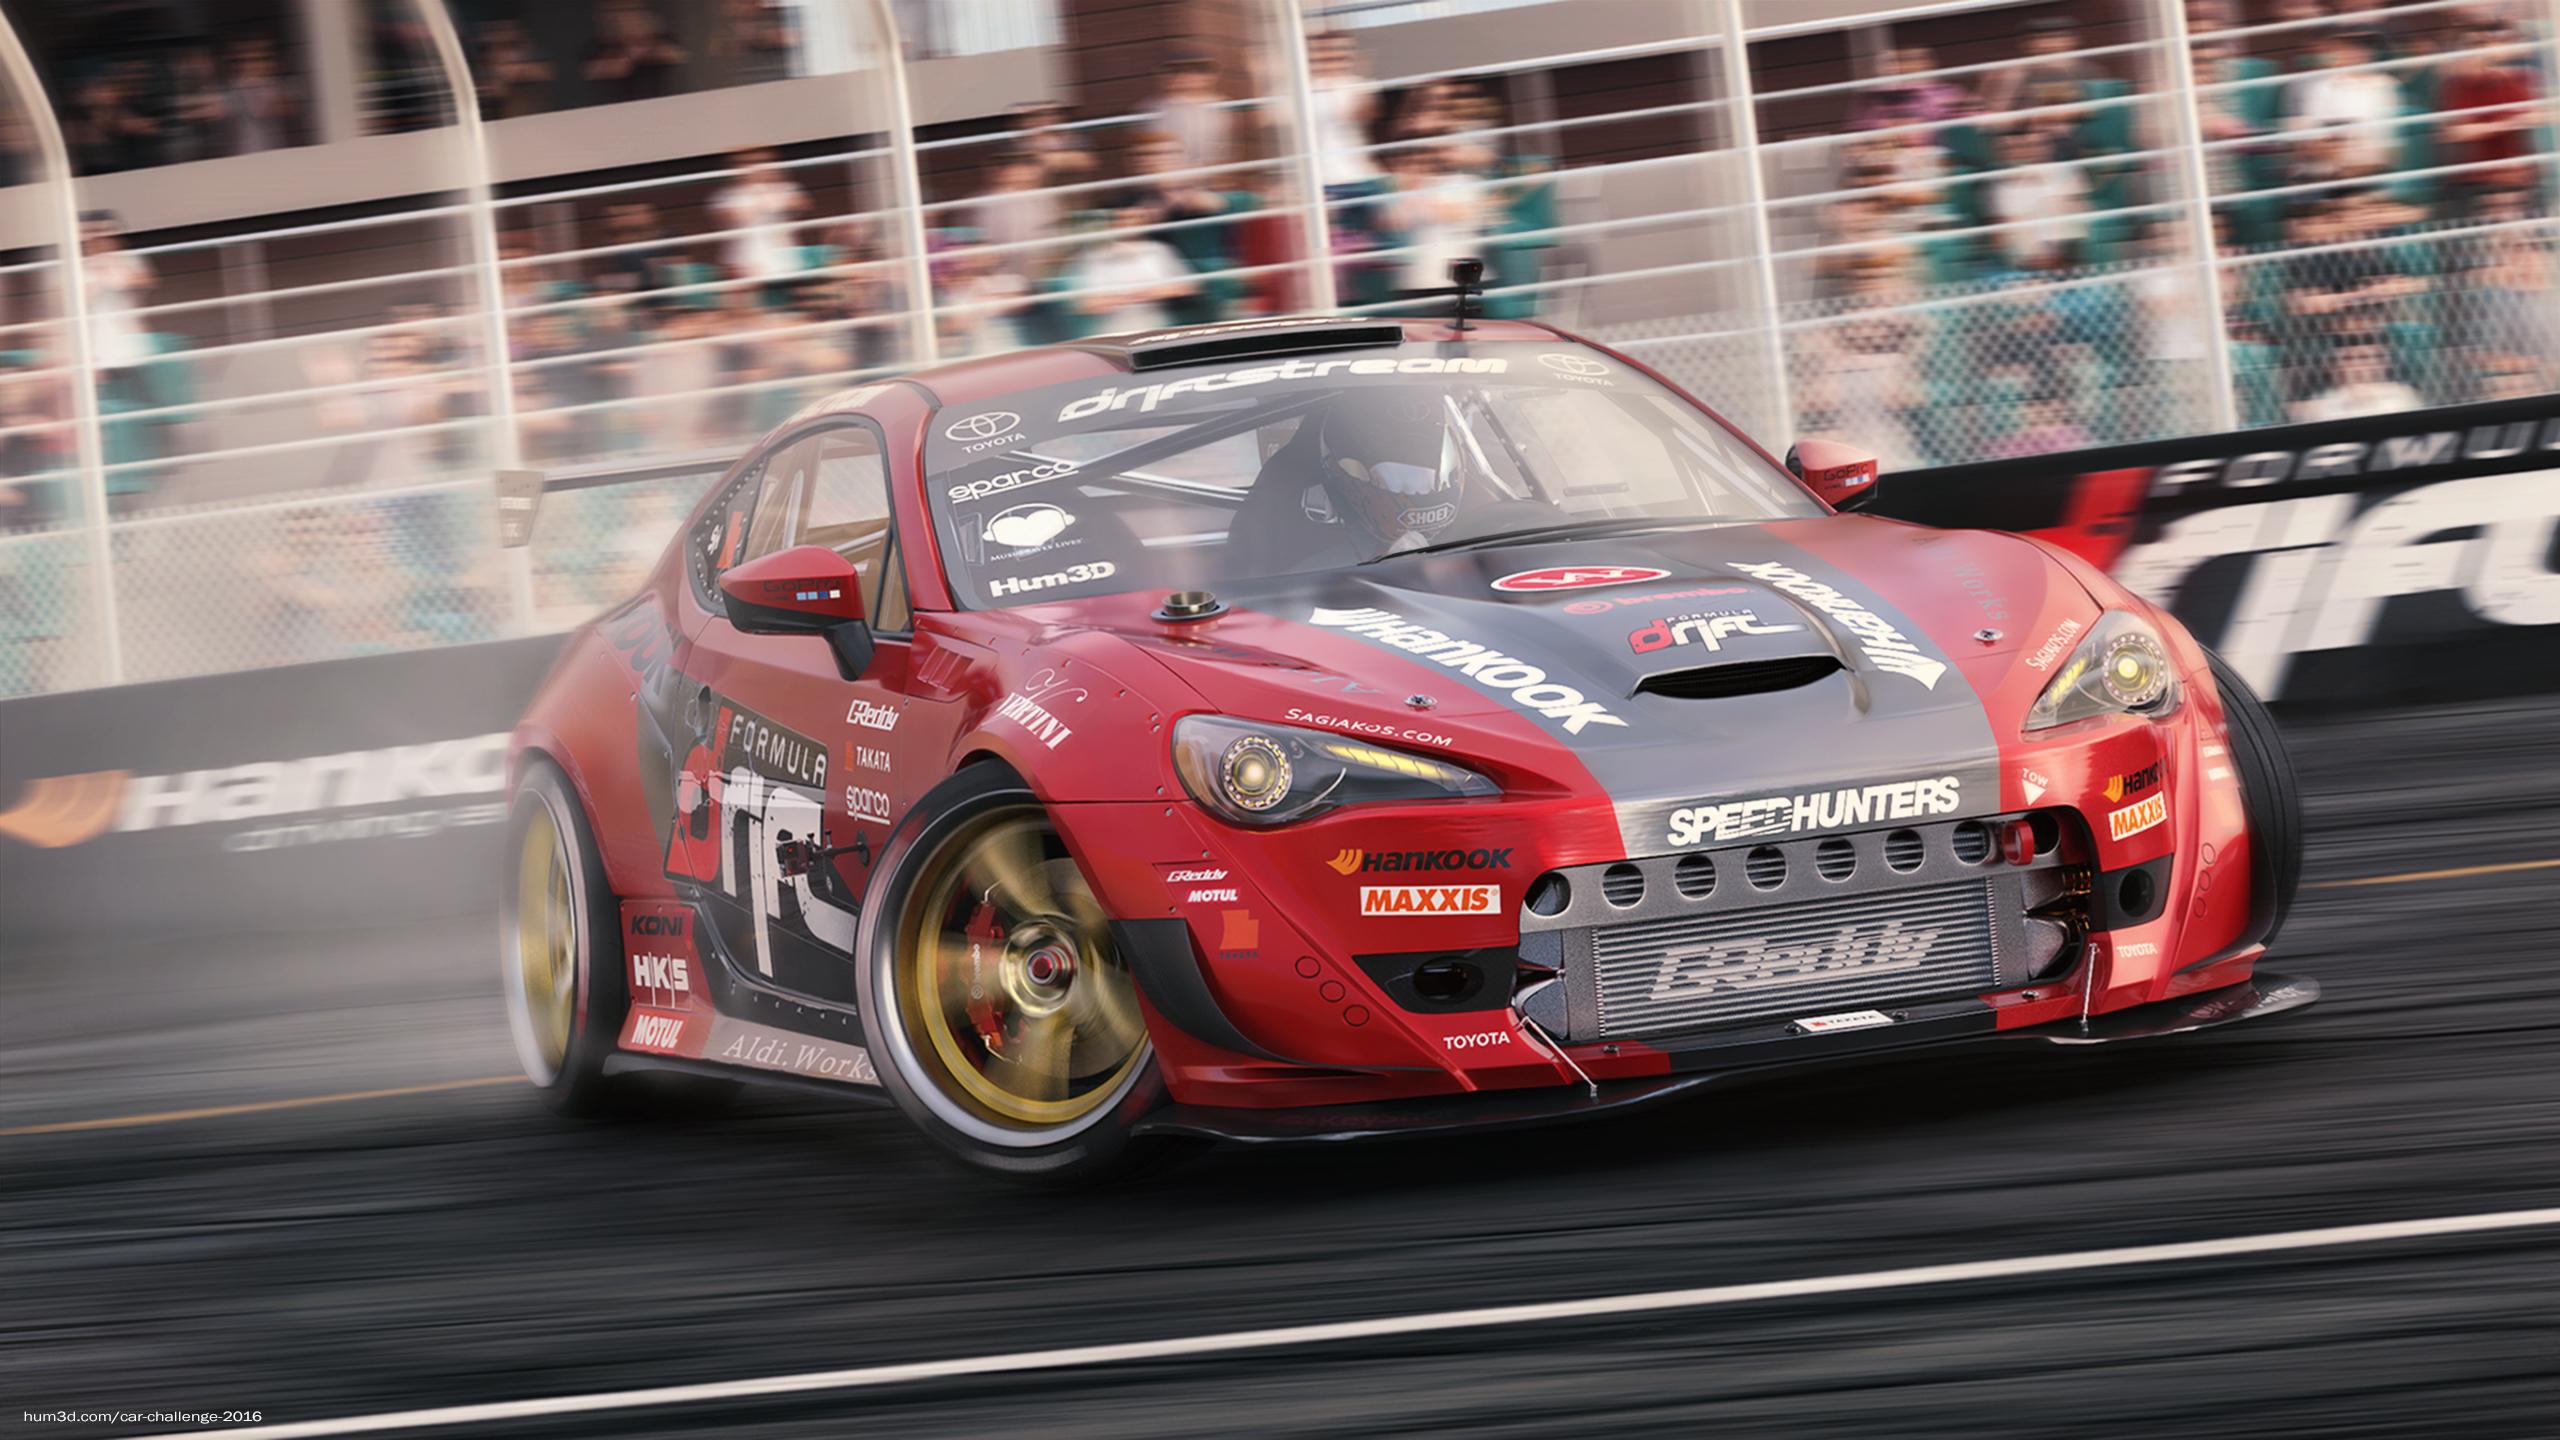 Toyota GT86 - Formula Drift 3d art